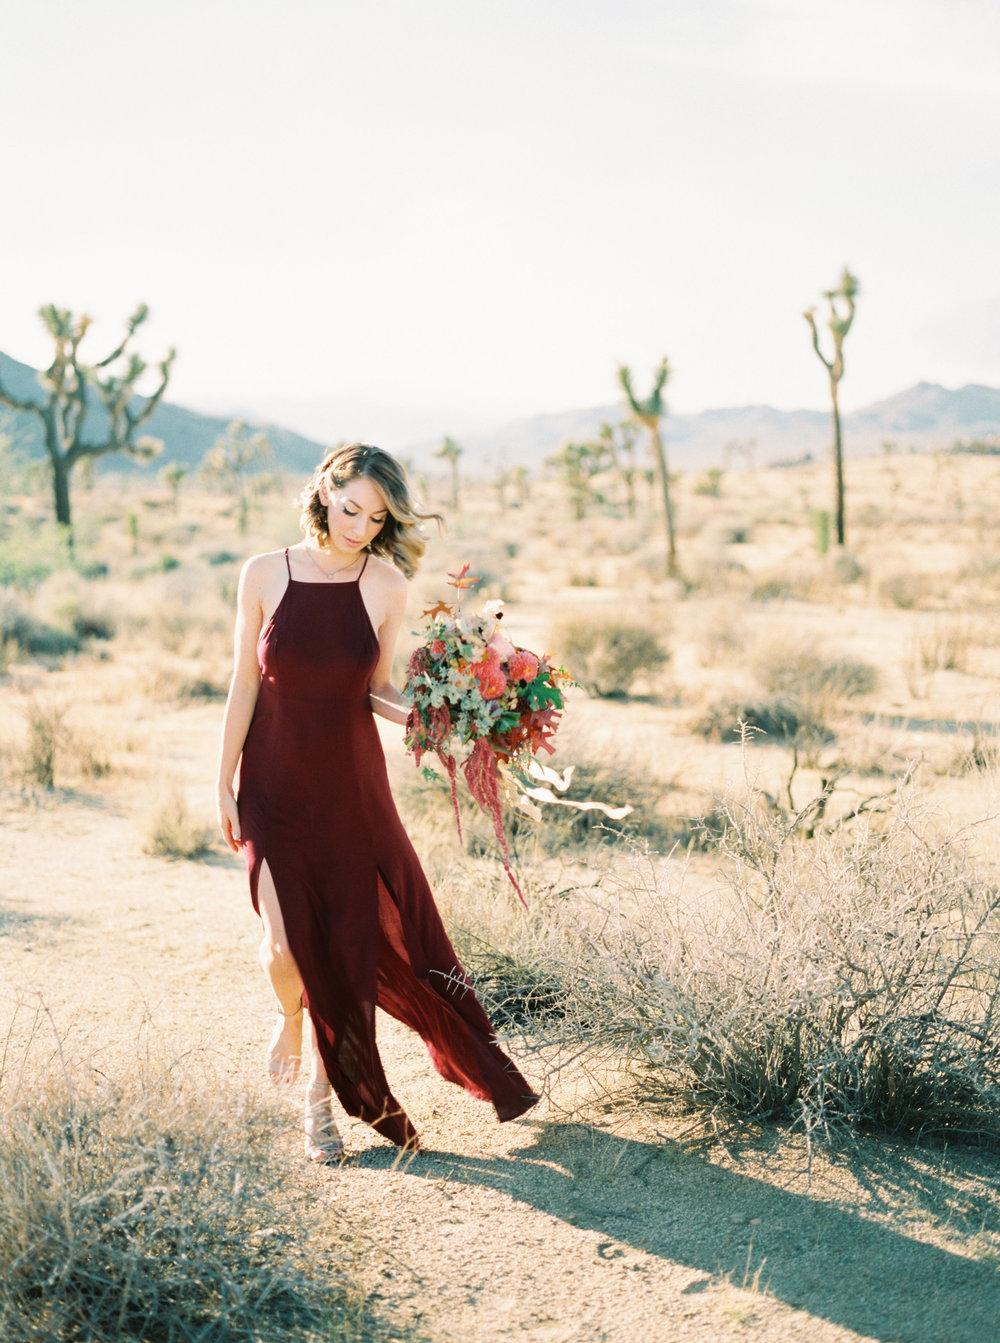 Photo by  Nicole Clarey .